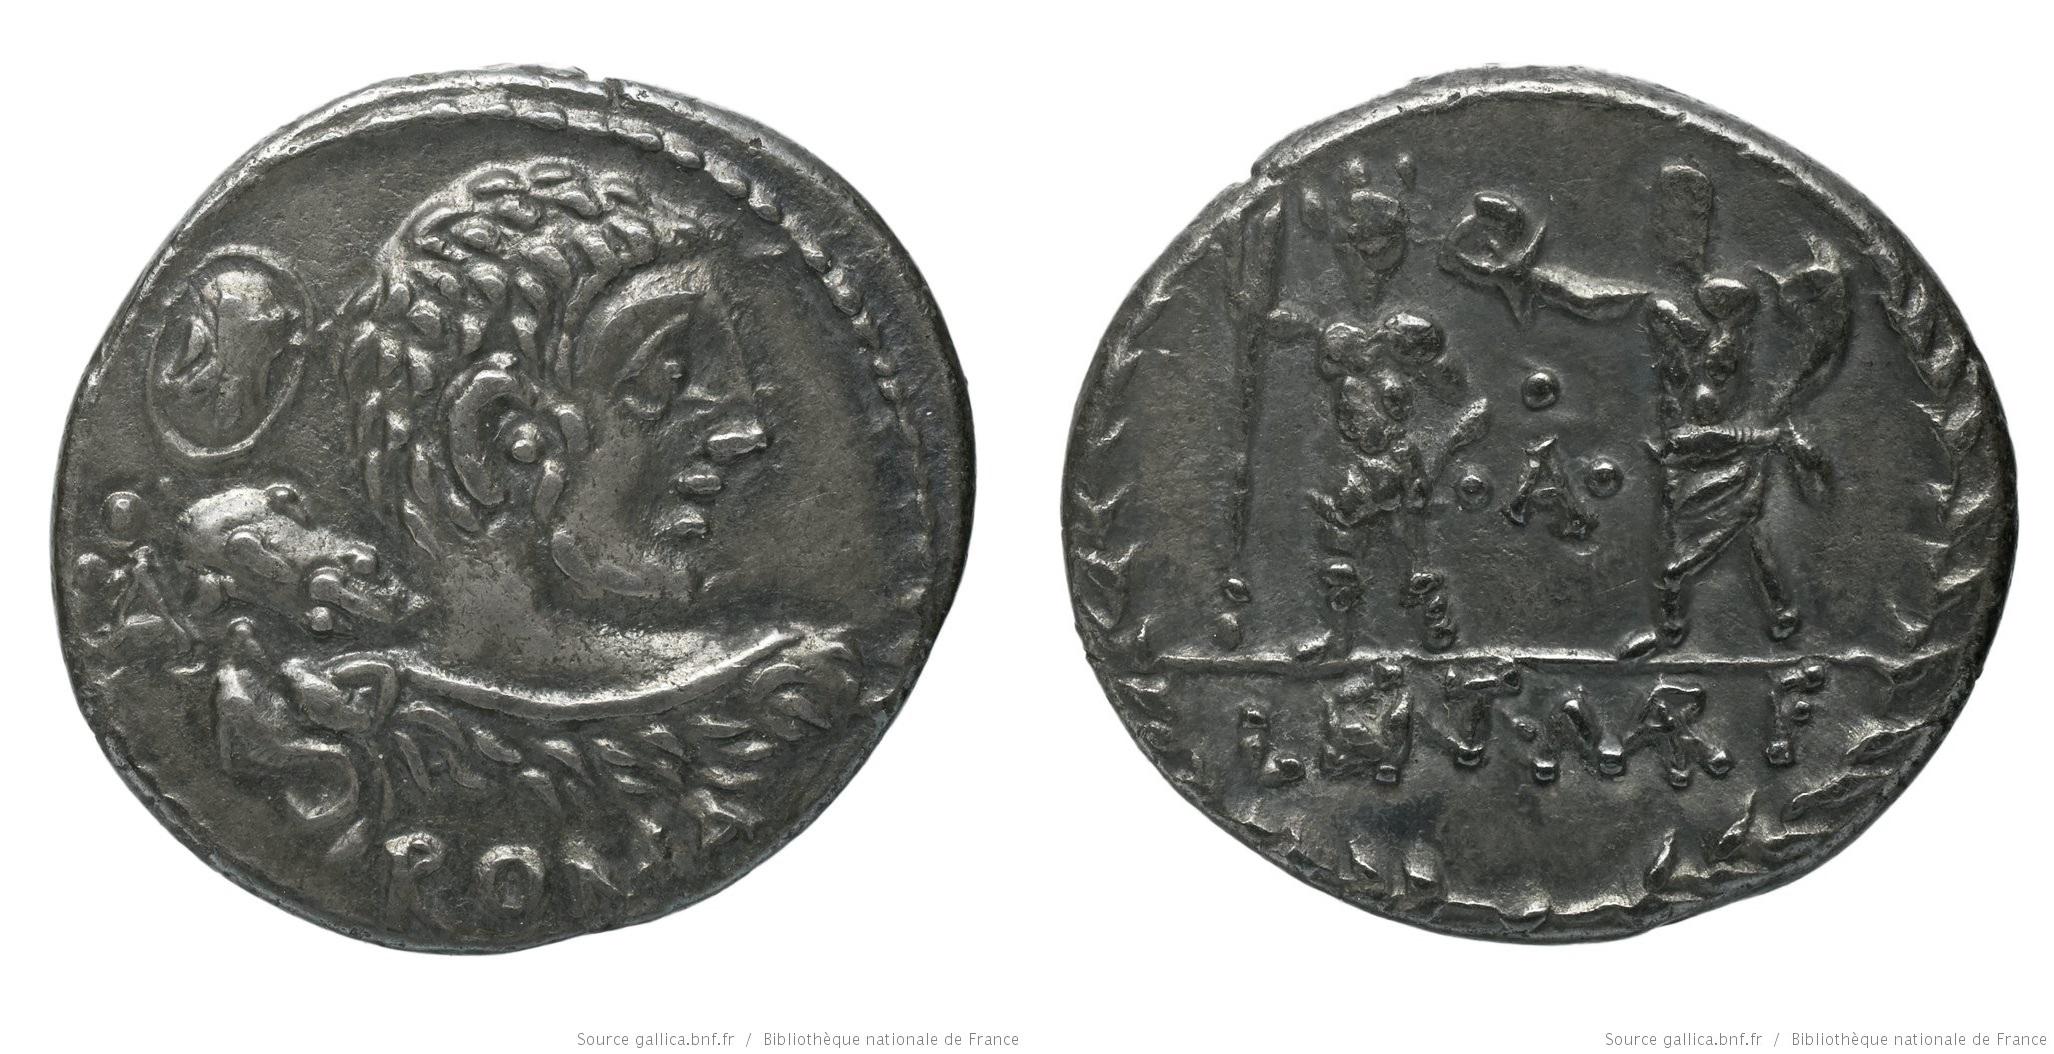 1164CO – Denier Cornelia – Publius Cornelius Lentulus Marcellinus